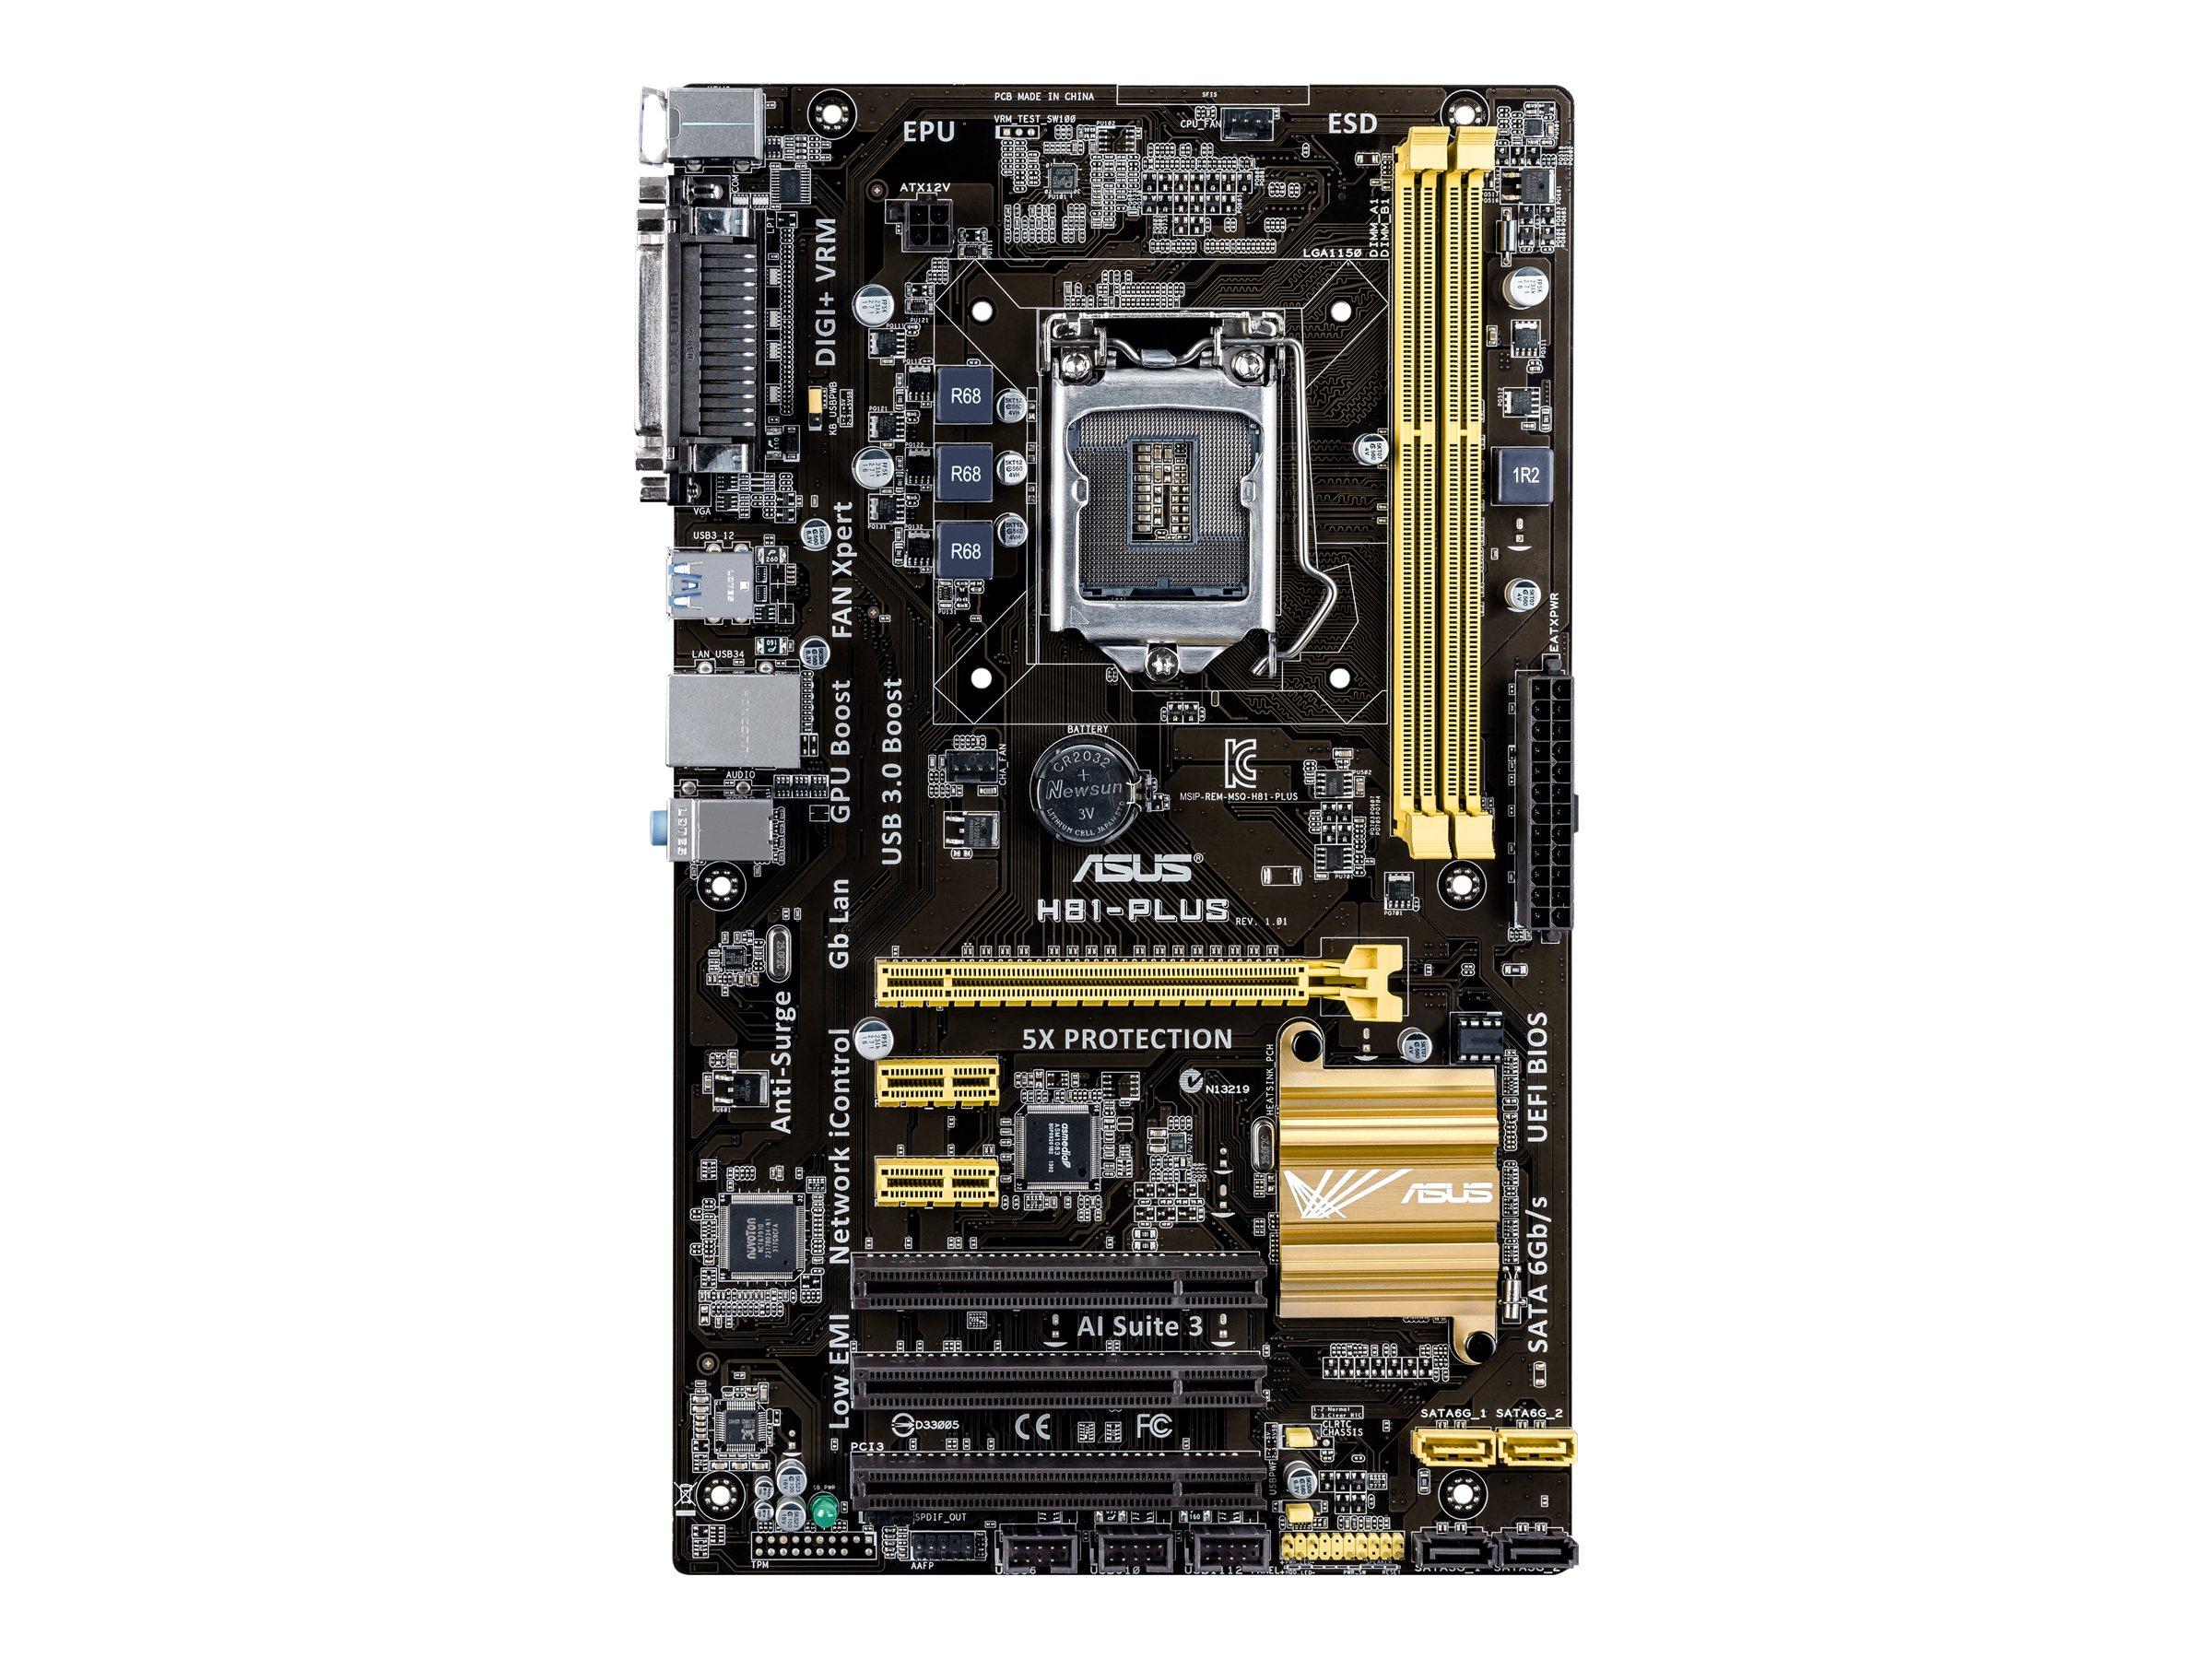 ASUS H81-PLUS - Motherboard - ATX